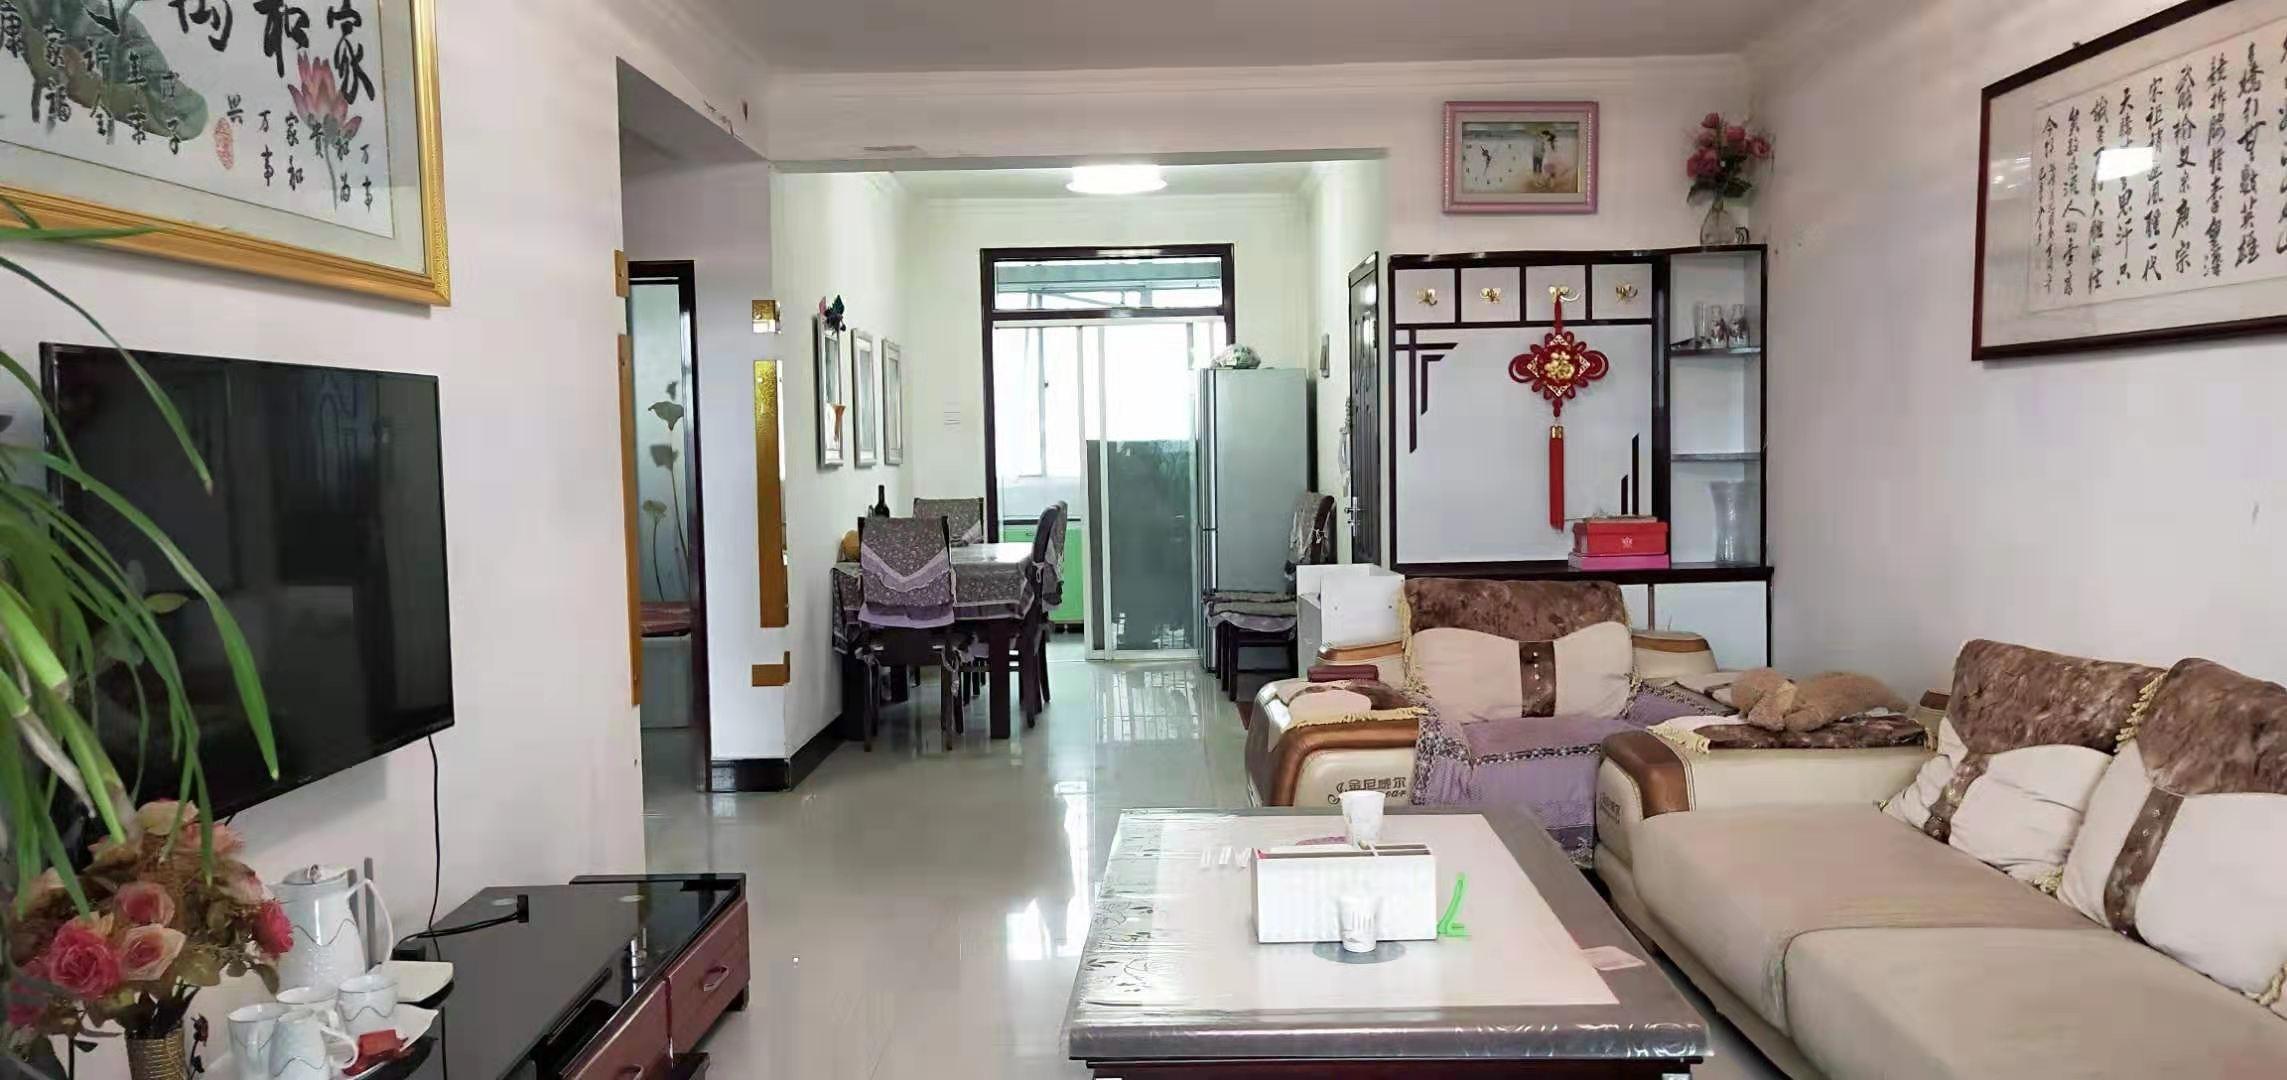 一中利景小区中间楼层,2室 2厅 1卫36.5万元